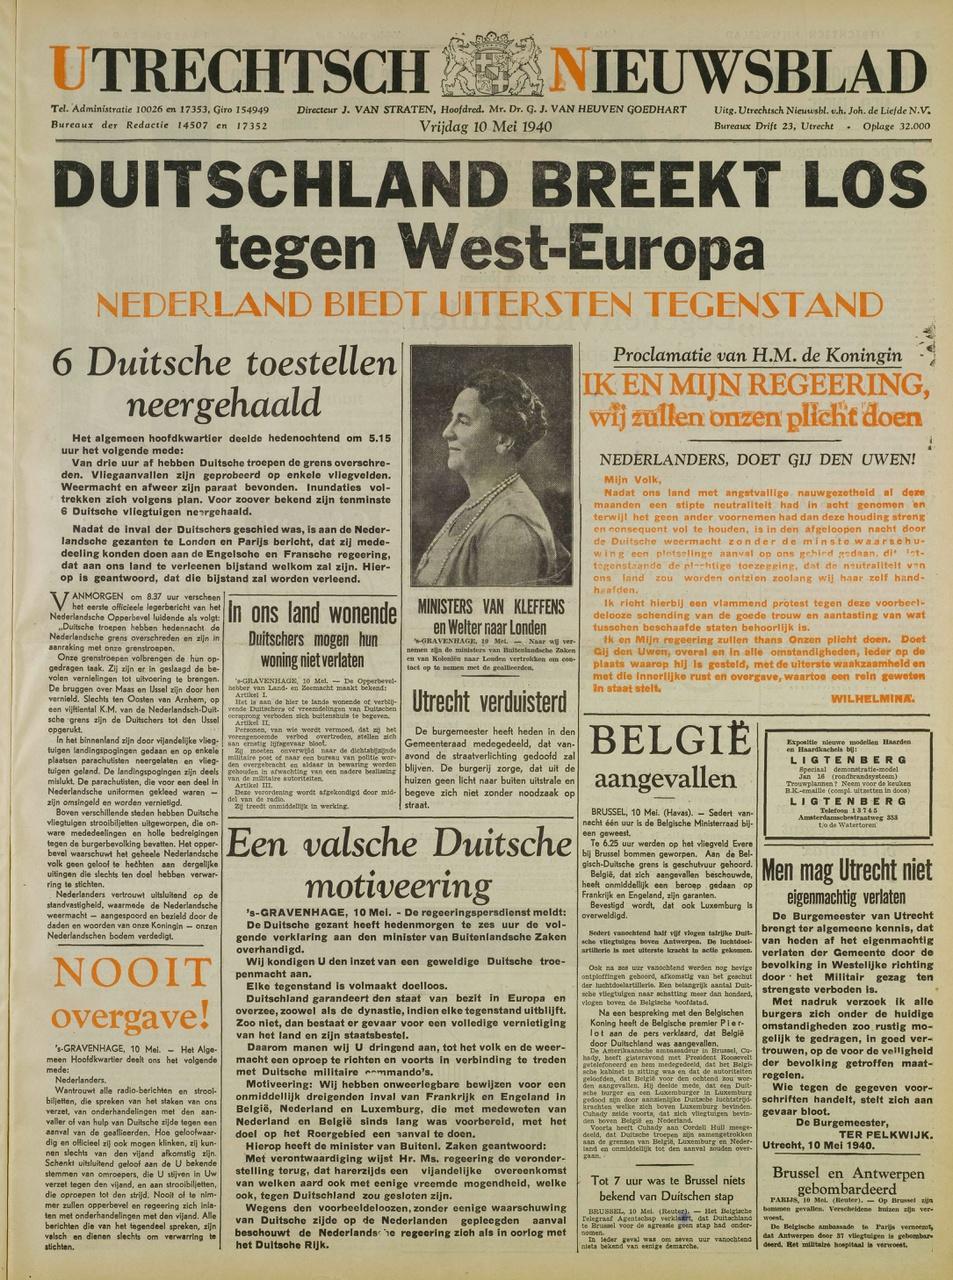 Utrechts Nieuwsblad.jpg